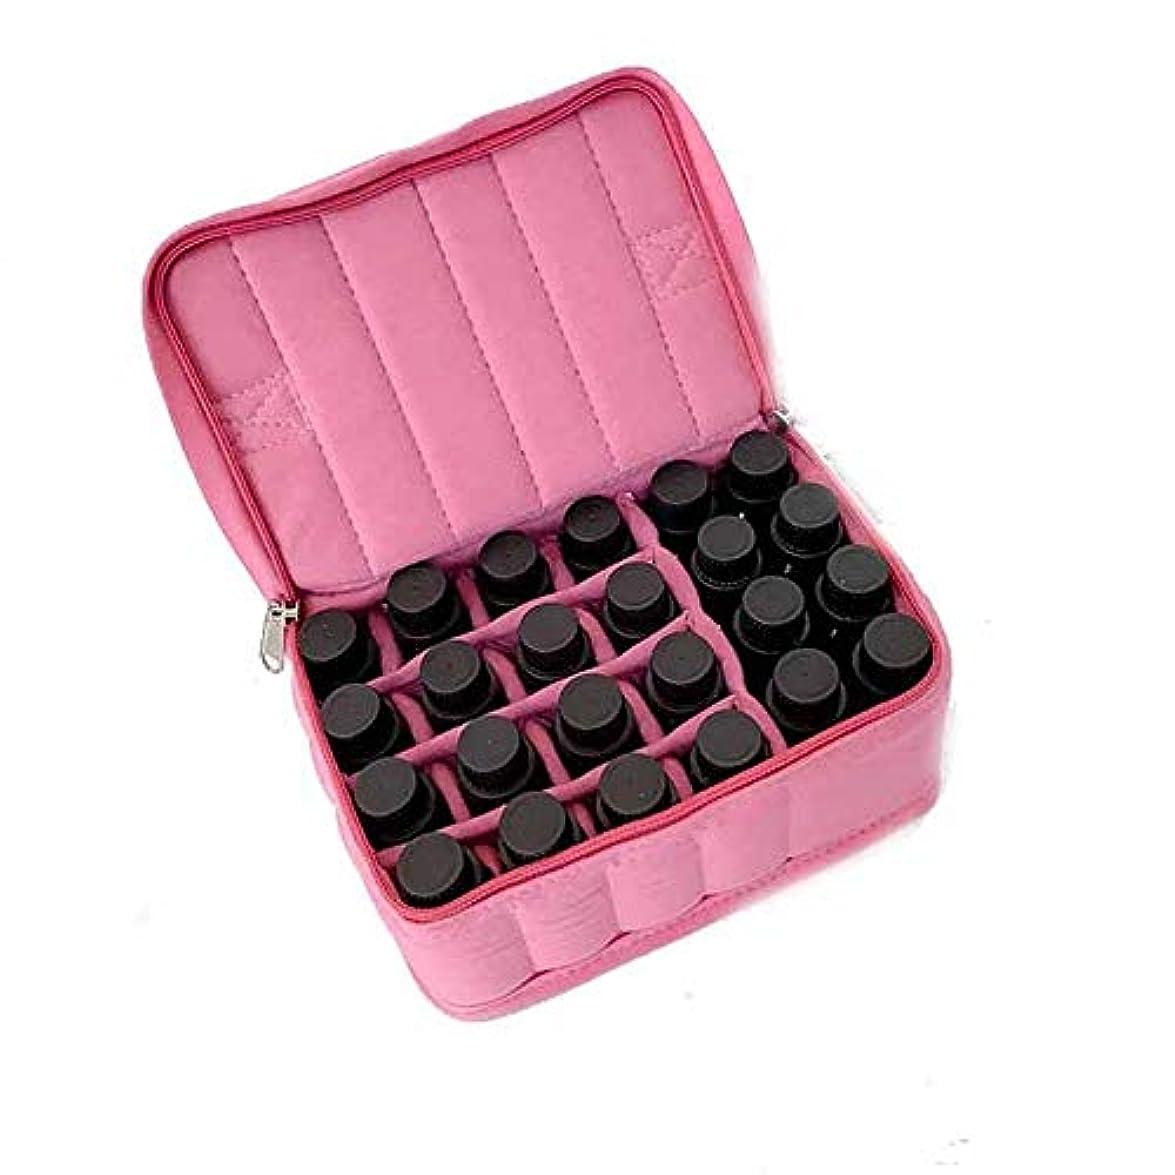 写真を描く稚魚フルーティーエッセンシャルオイル収納ボックス アロマセラピーや保管のために17-ボトルエッセンシャルオイルキャリングケース ポータブル収納ボックス (色 : ピンク, サイズ : 18X13.5X8.5CM)